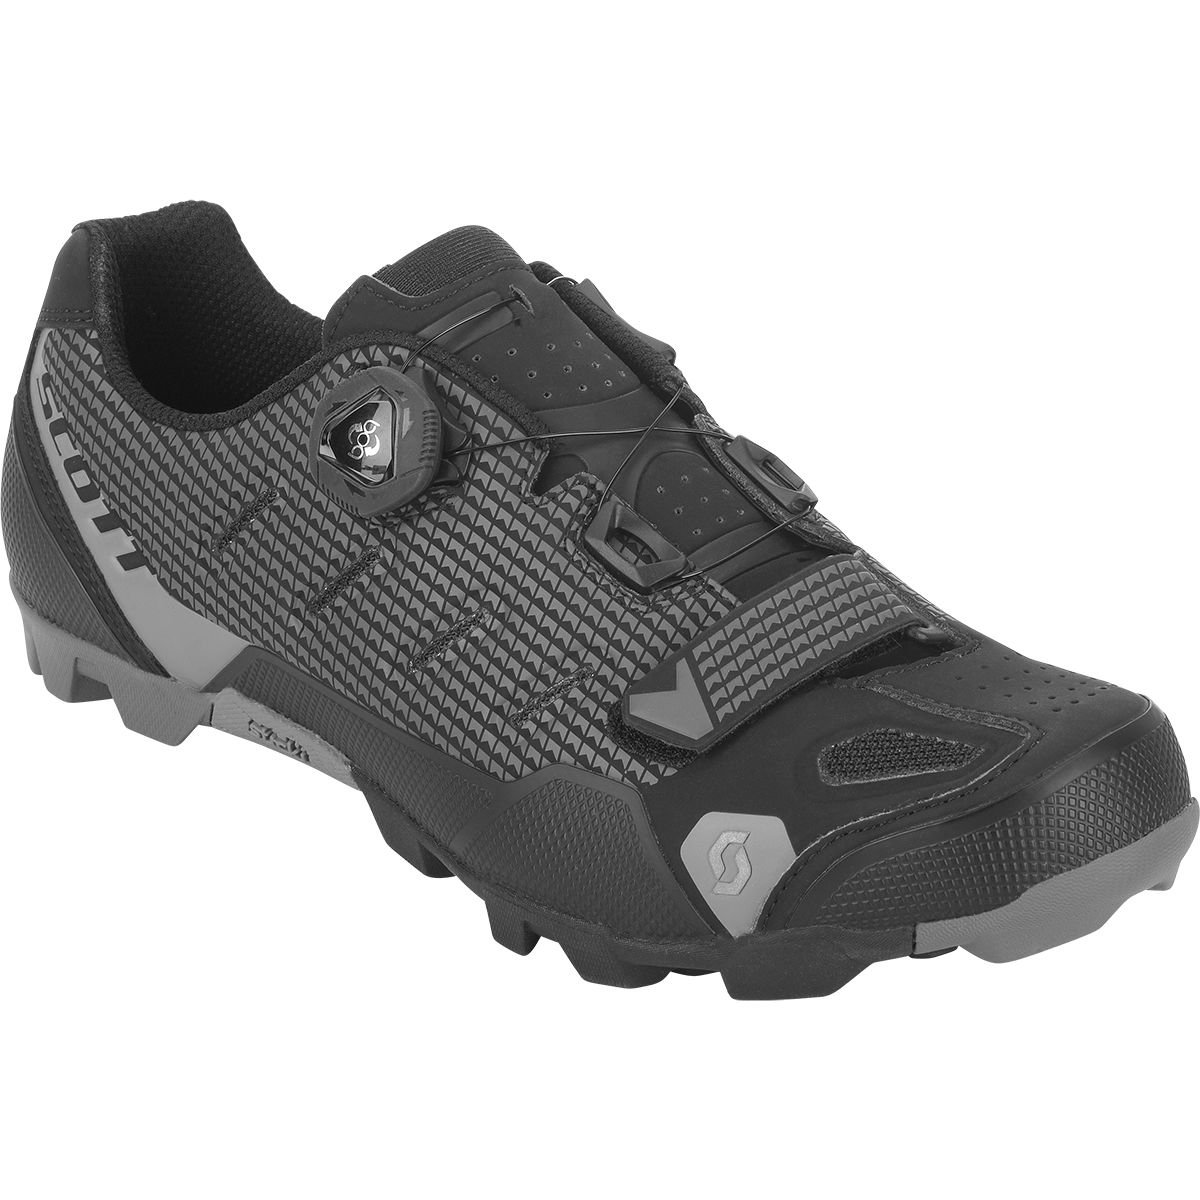 スコットMTB prowl-r RS Shoe – Men 'sマットブラック/マット無煙炭、43.0   B078177NMX